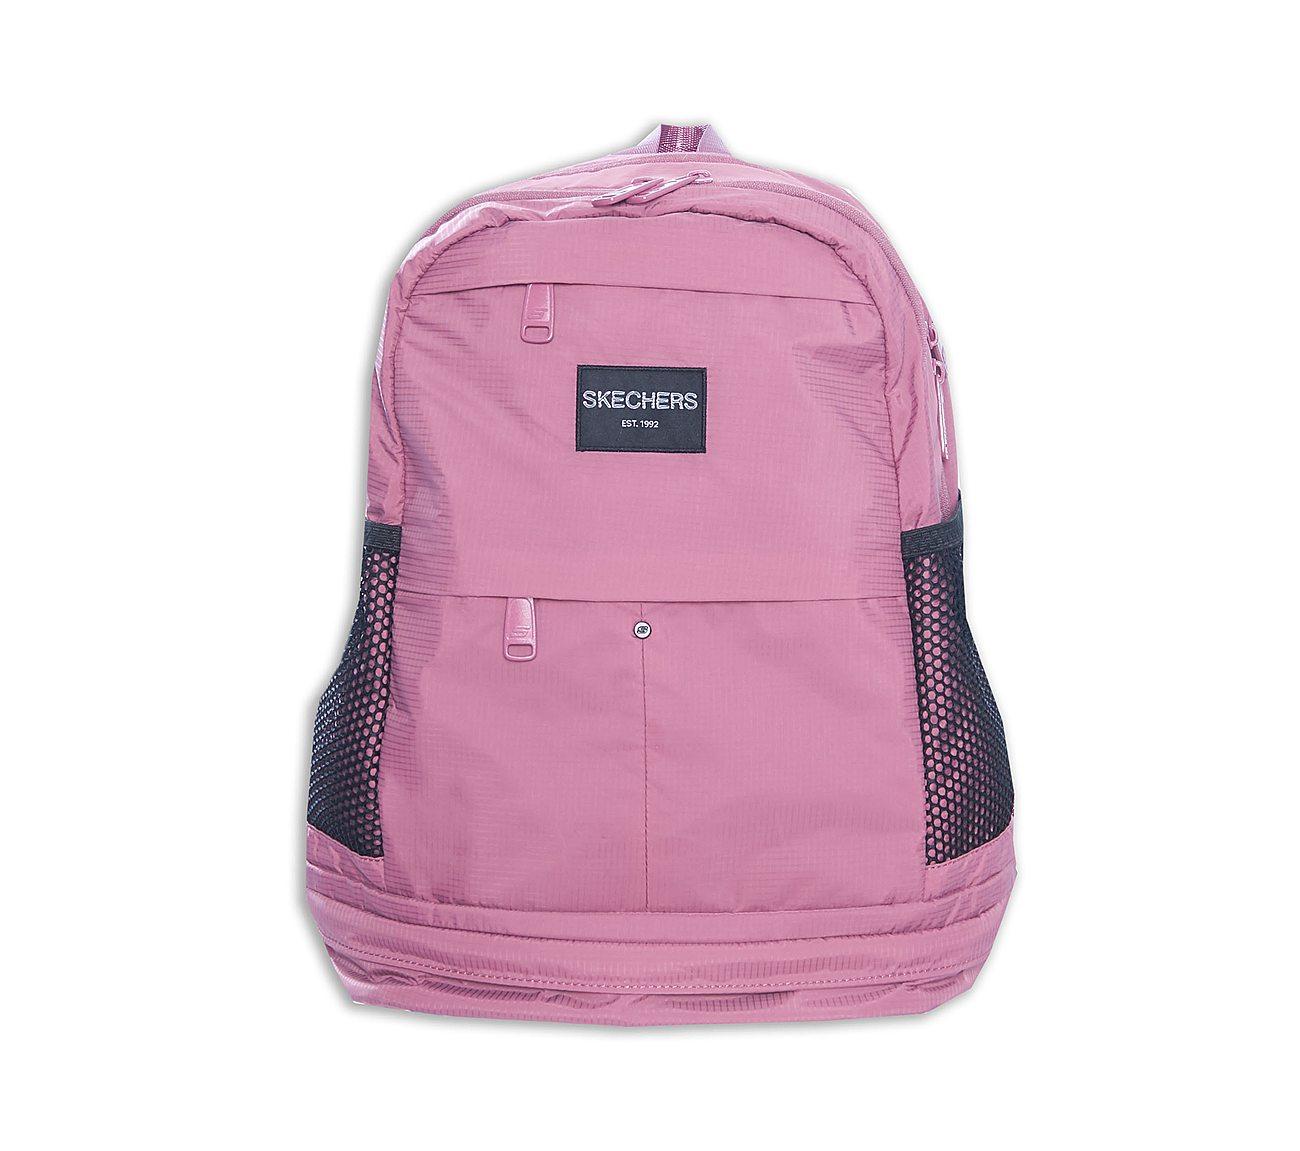 Skechers 16 Backpack Pink